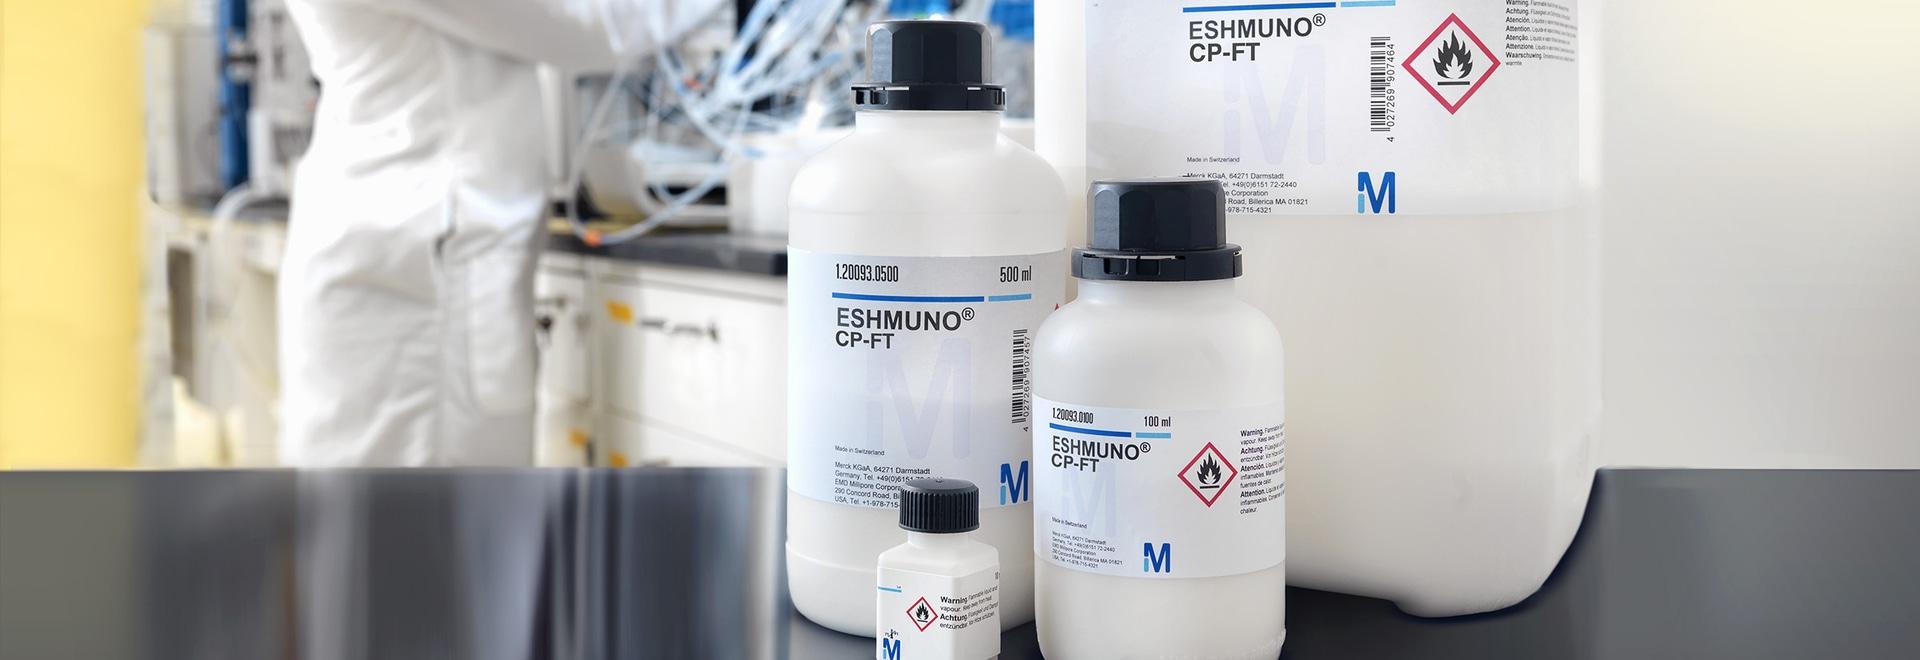 La résine de chromatographie améliore la vitesse, flexibilité